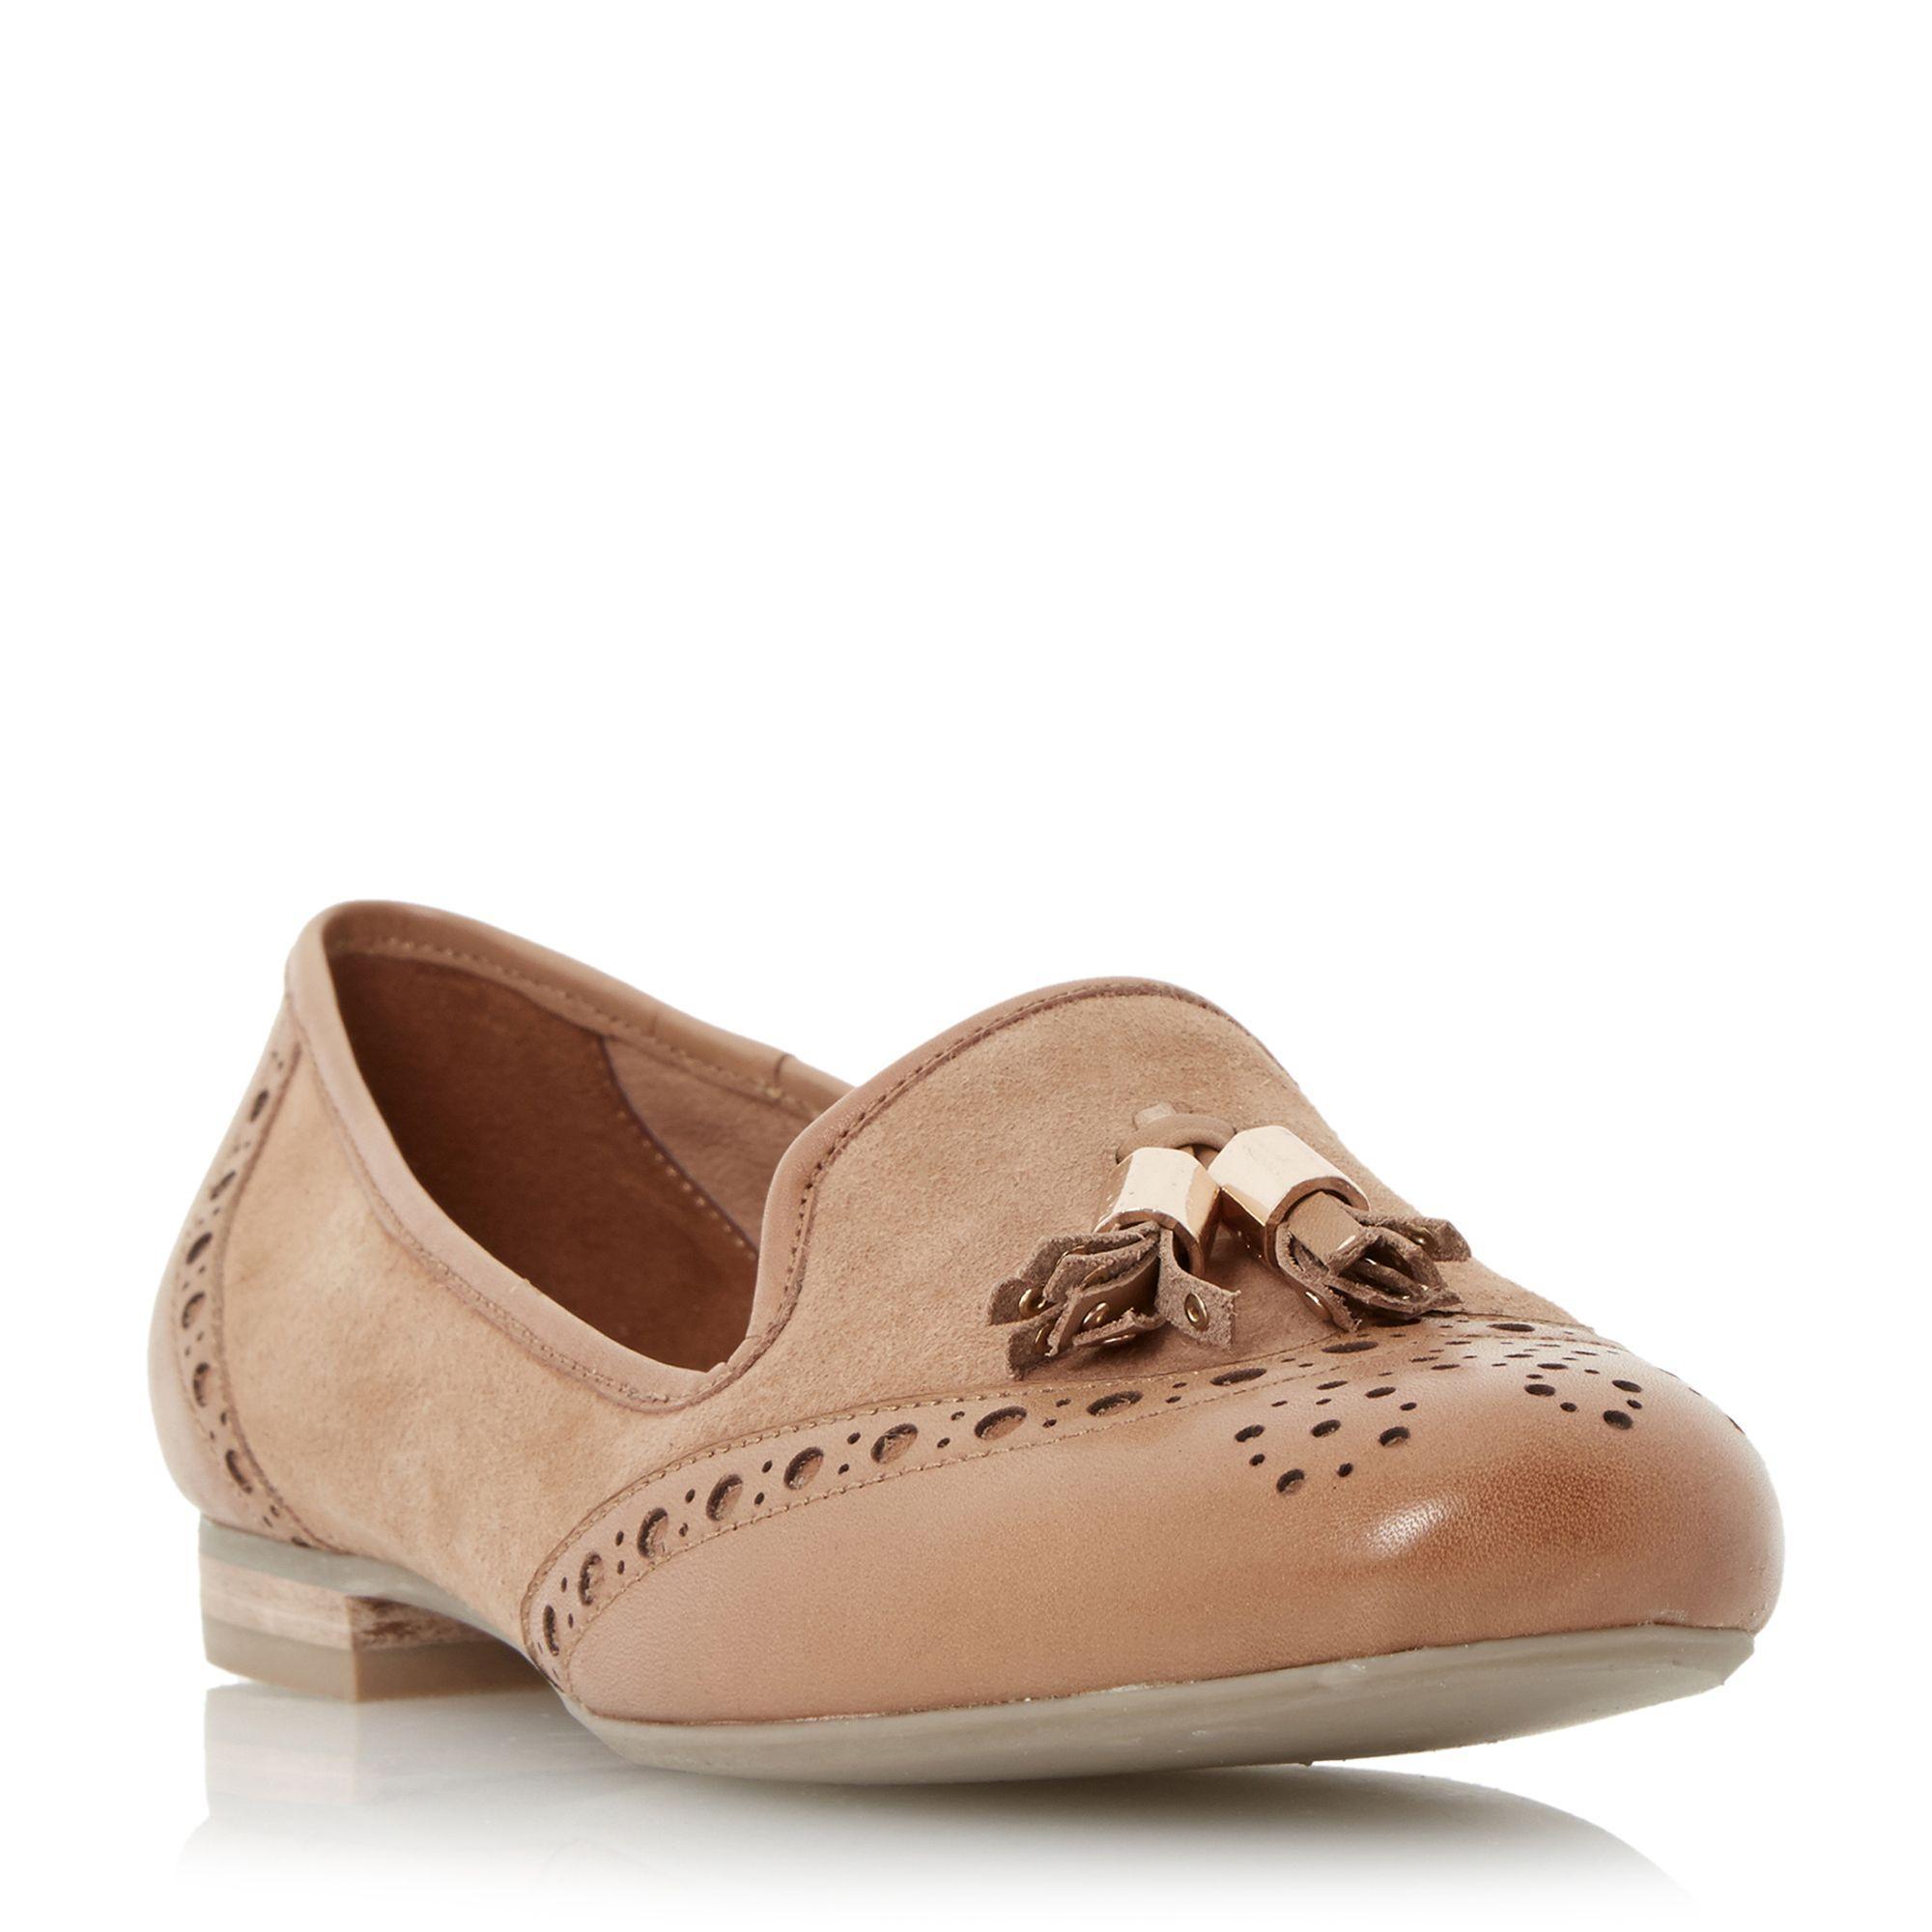 Dune Shoes Uk John Lewis